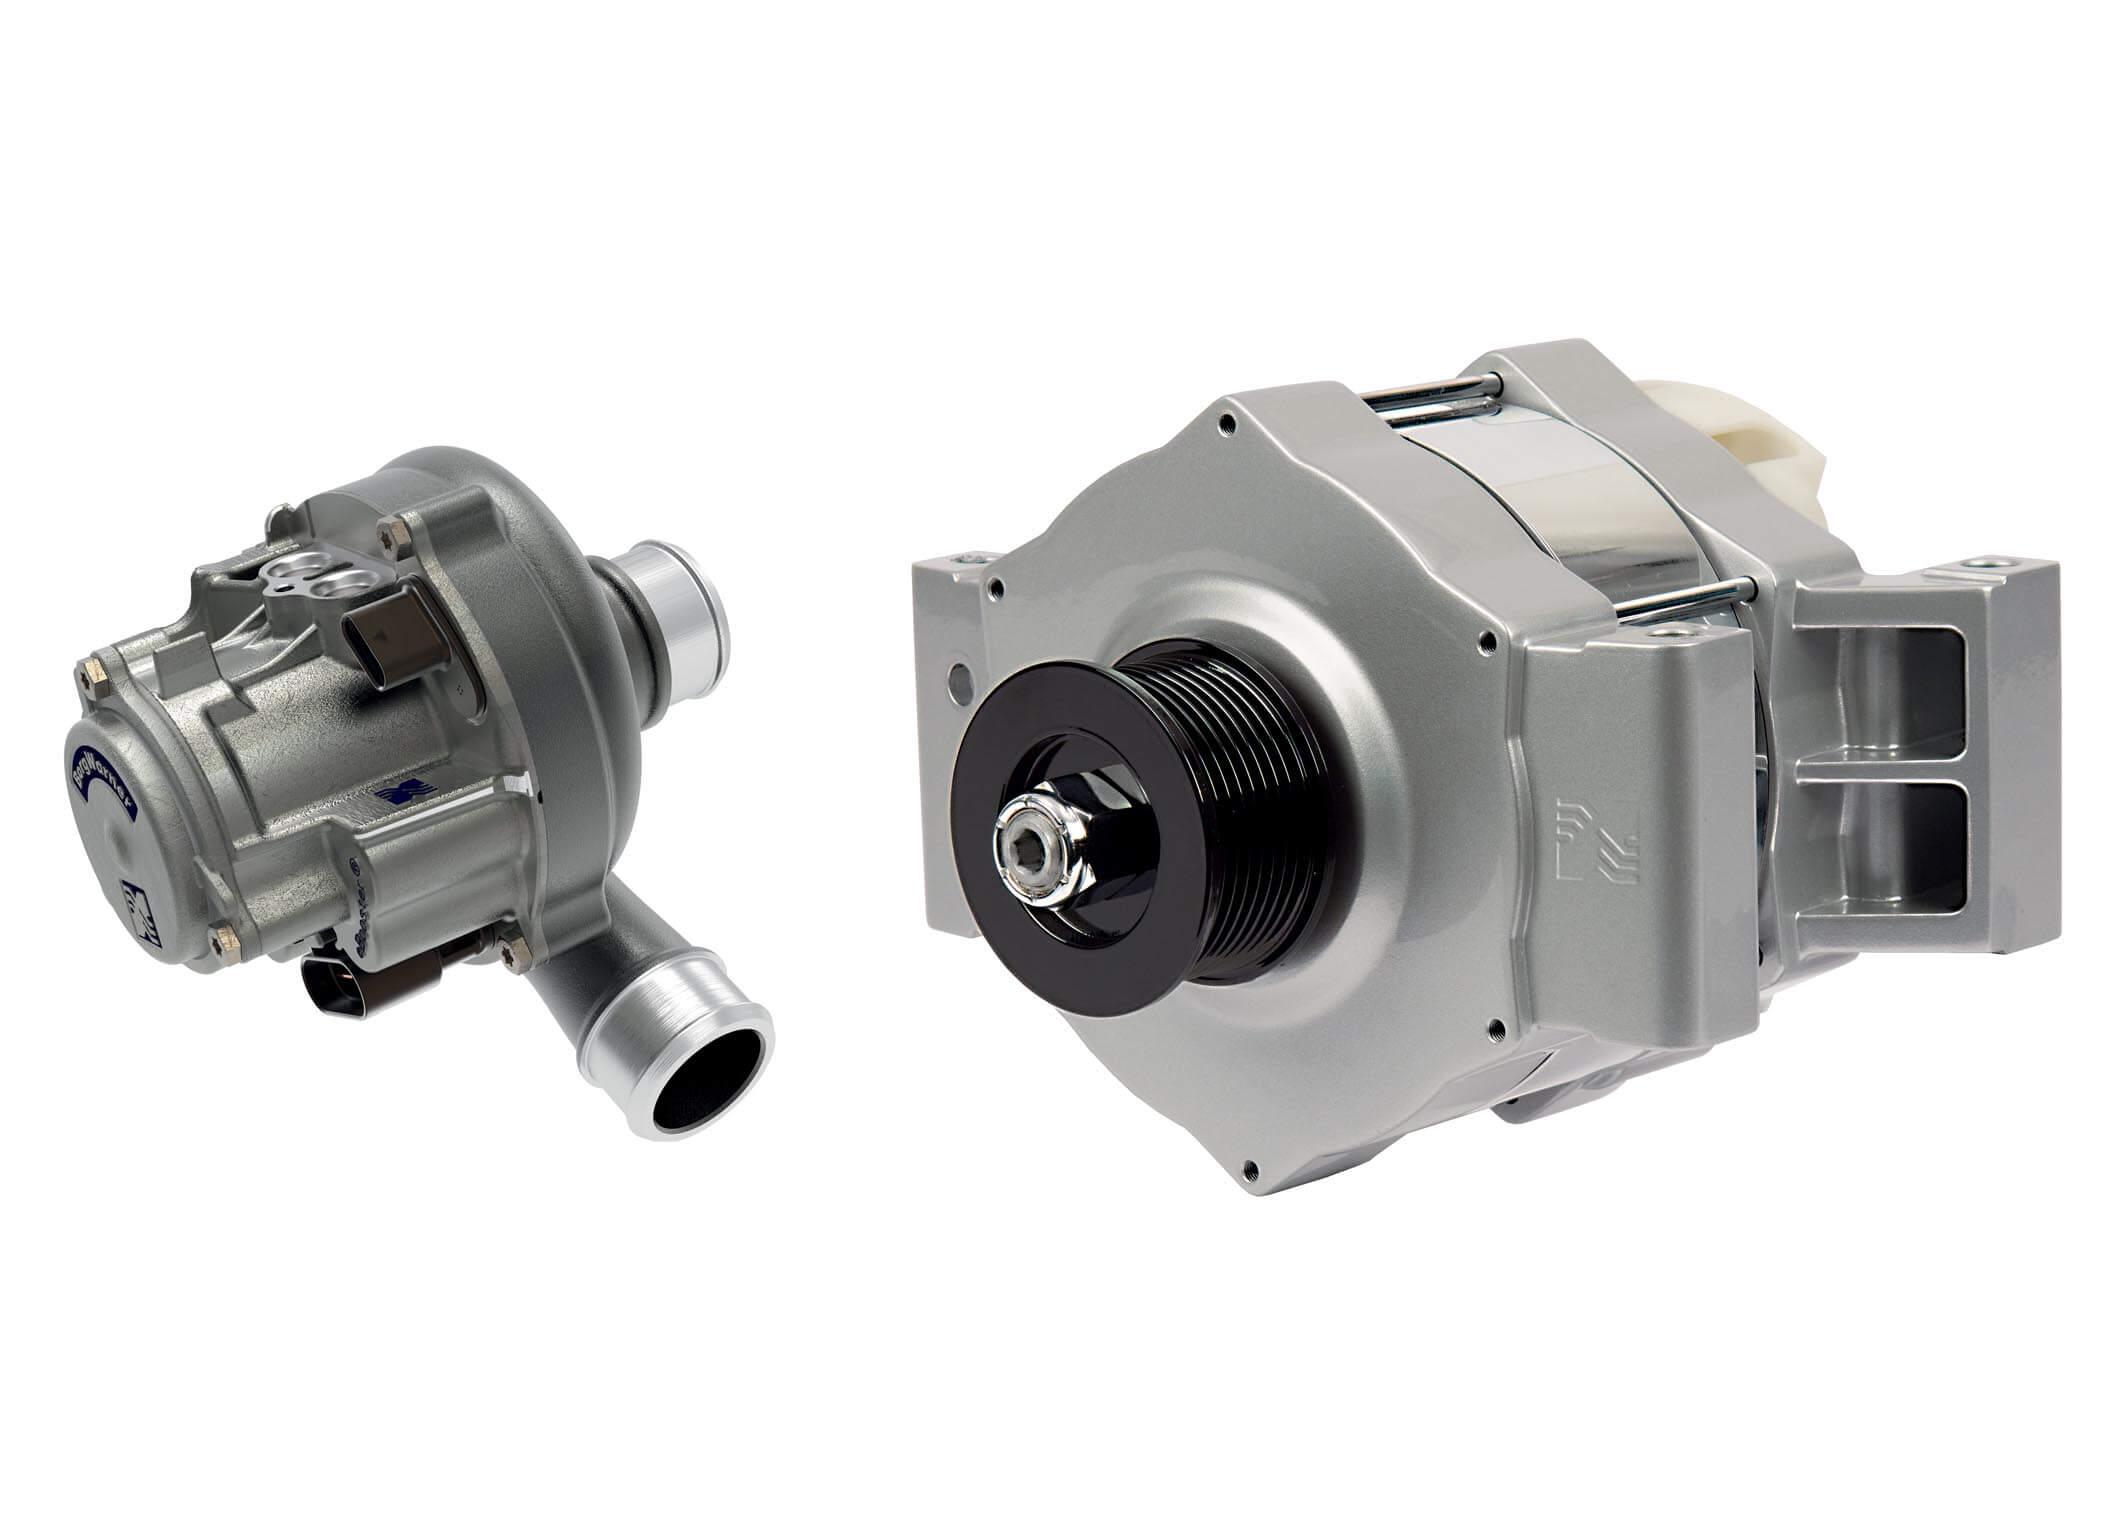 BW-00540 eBooster and MGU